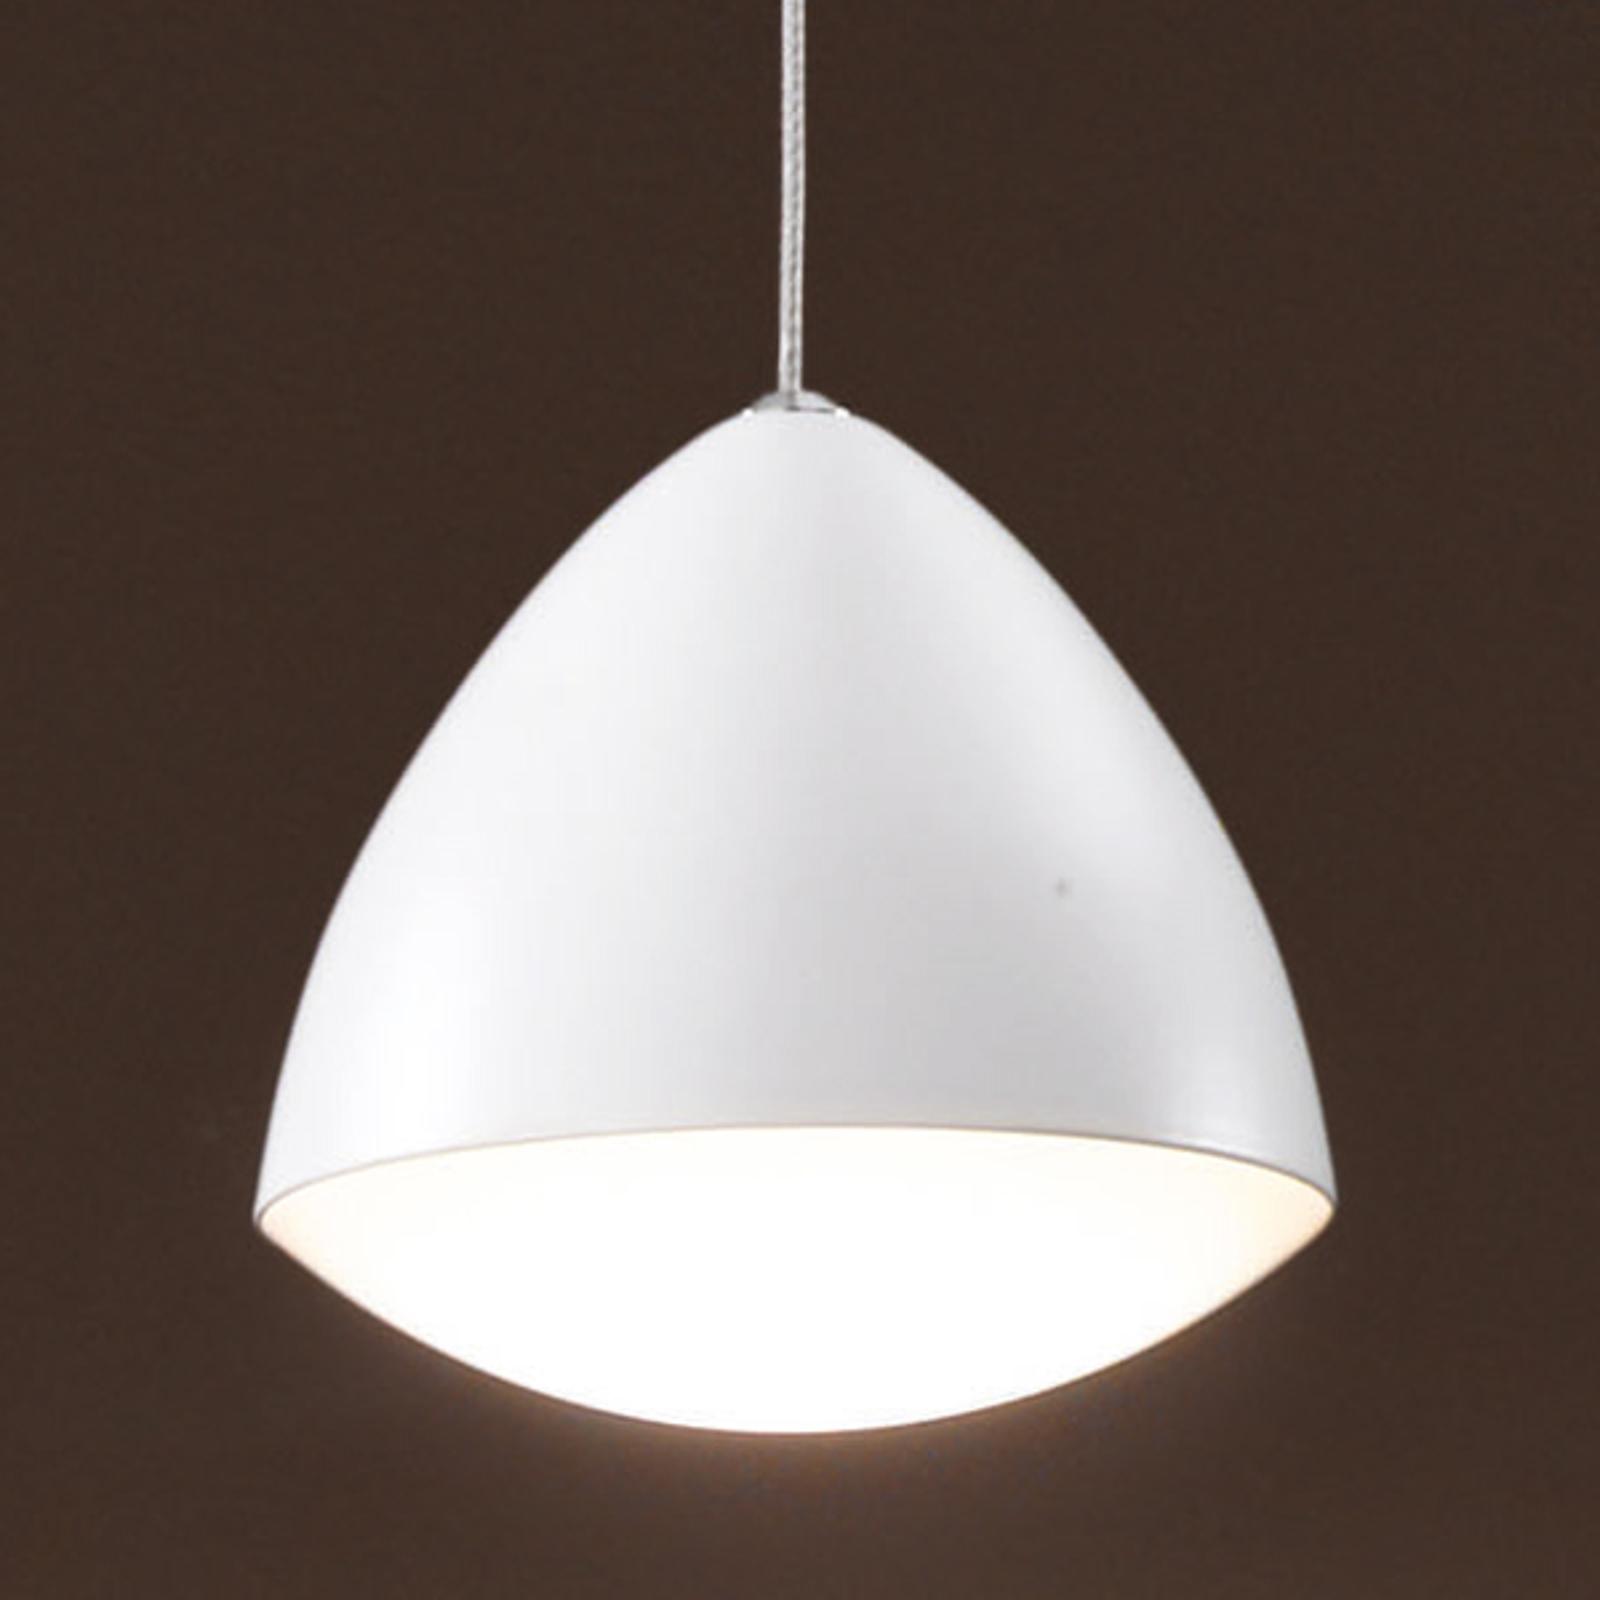 Bike – jednopunktowa lampa wisząca LED, ściemniana